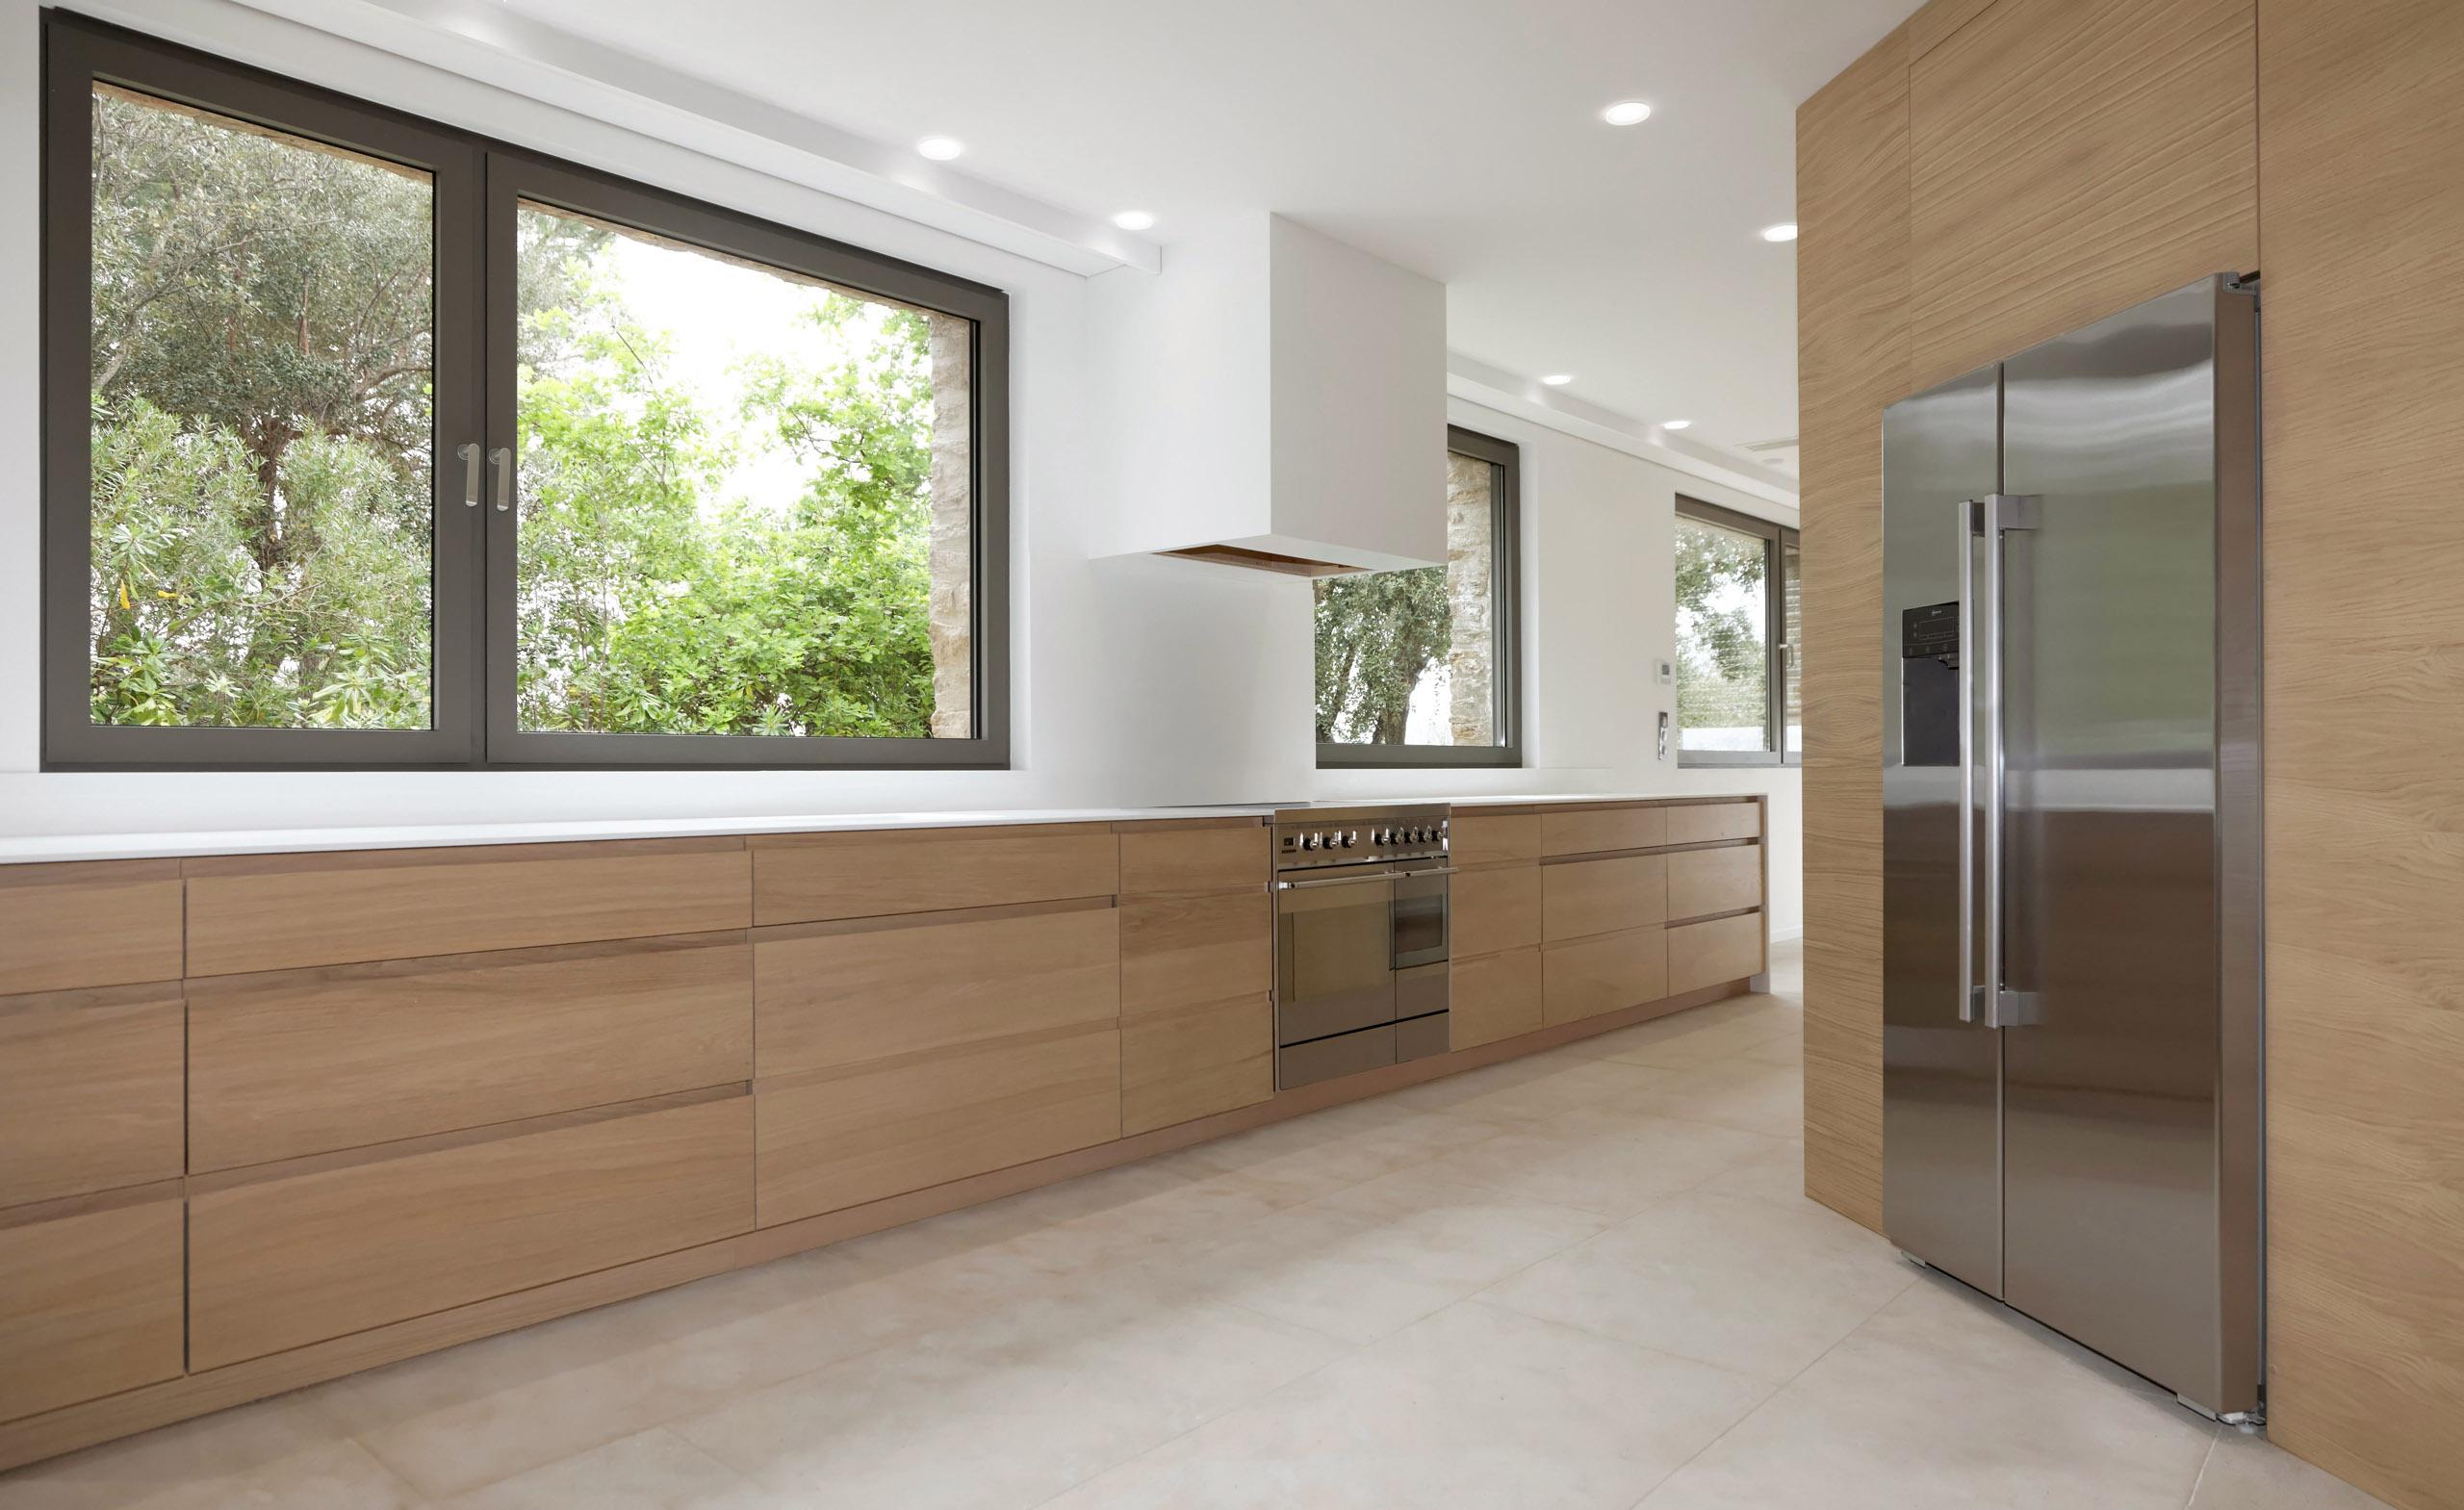 cuisine pour une villa st tropez sc menuiserie rafflin menuiserie rafflin. Black Bedroom Furniture Sets. Home Design Ideas